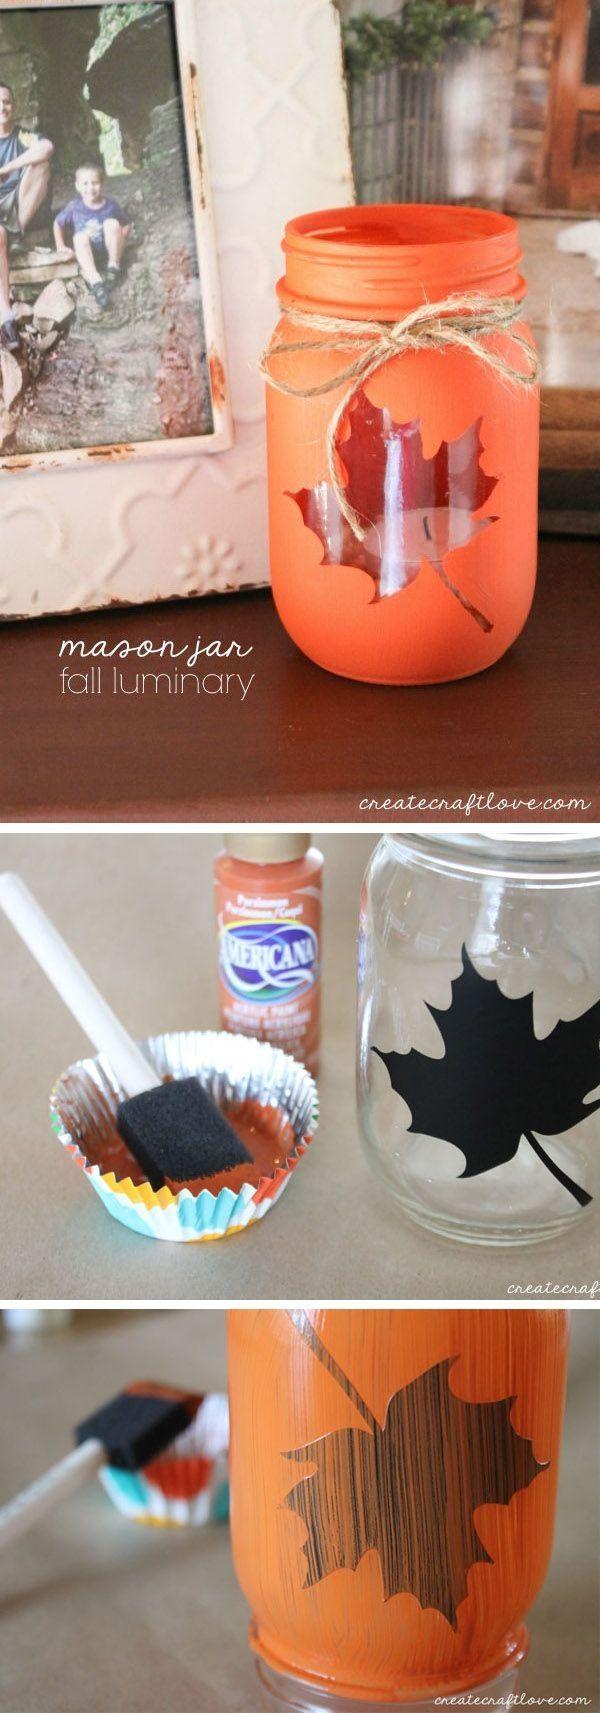 DIY mason jars wedding decoration ideas for fall by stacie